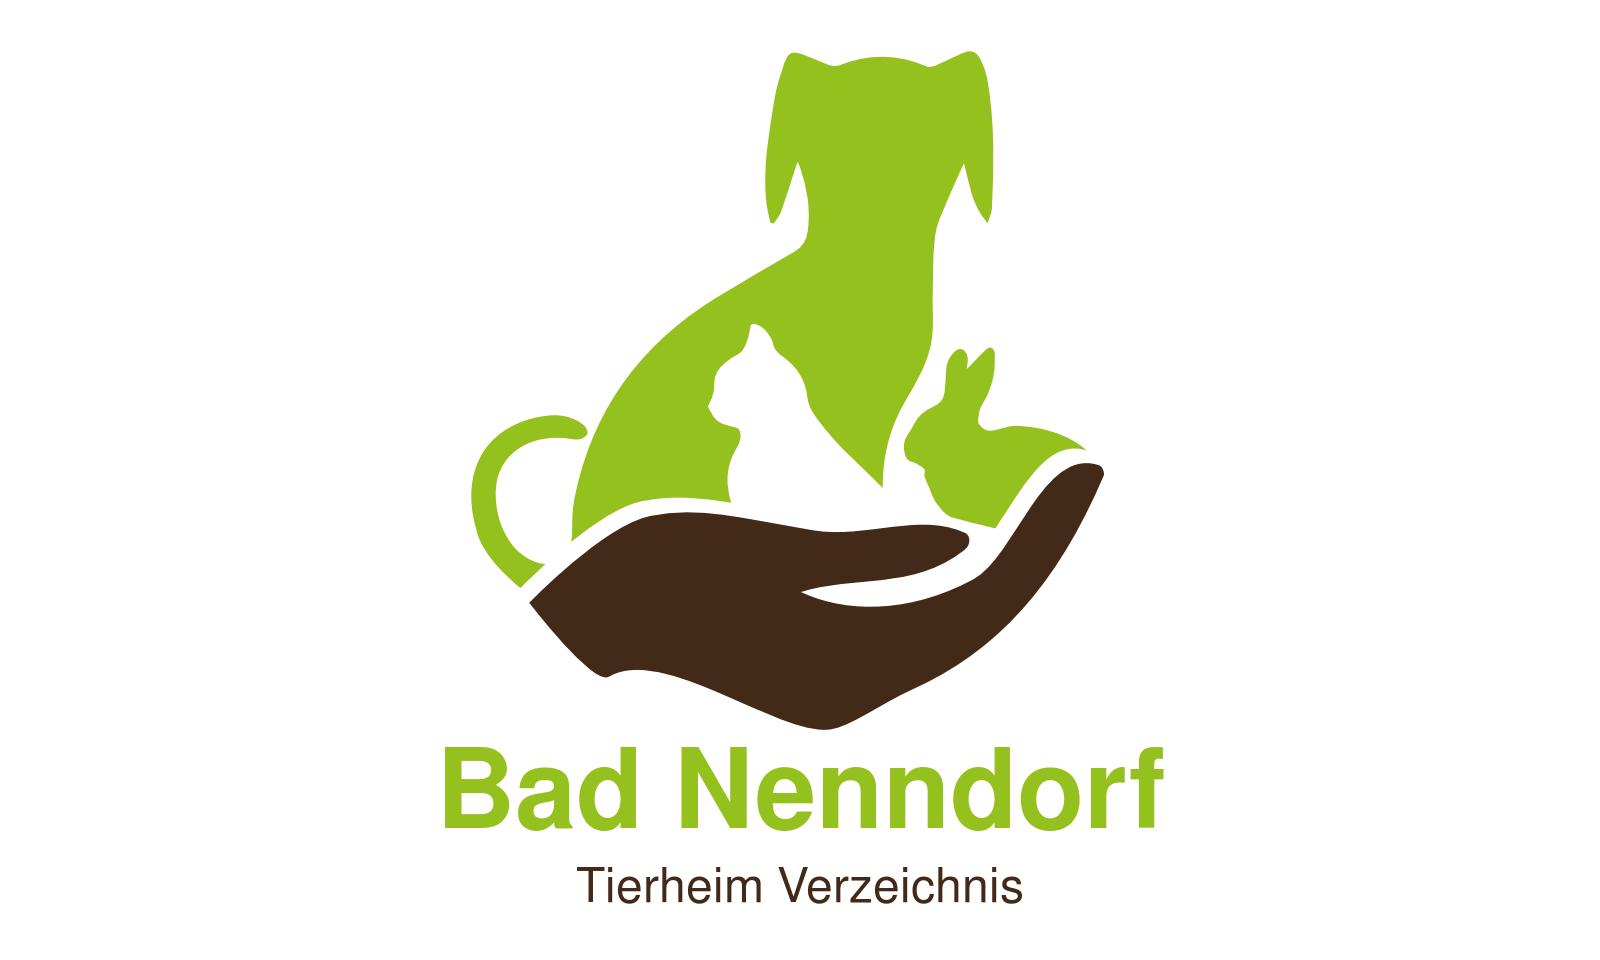 Tierheim Bad Nenndorf